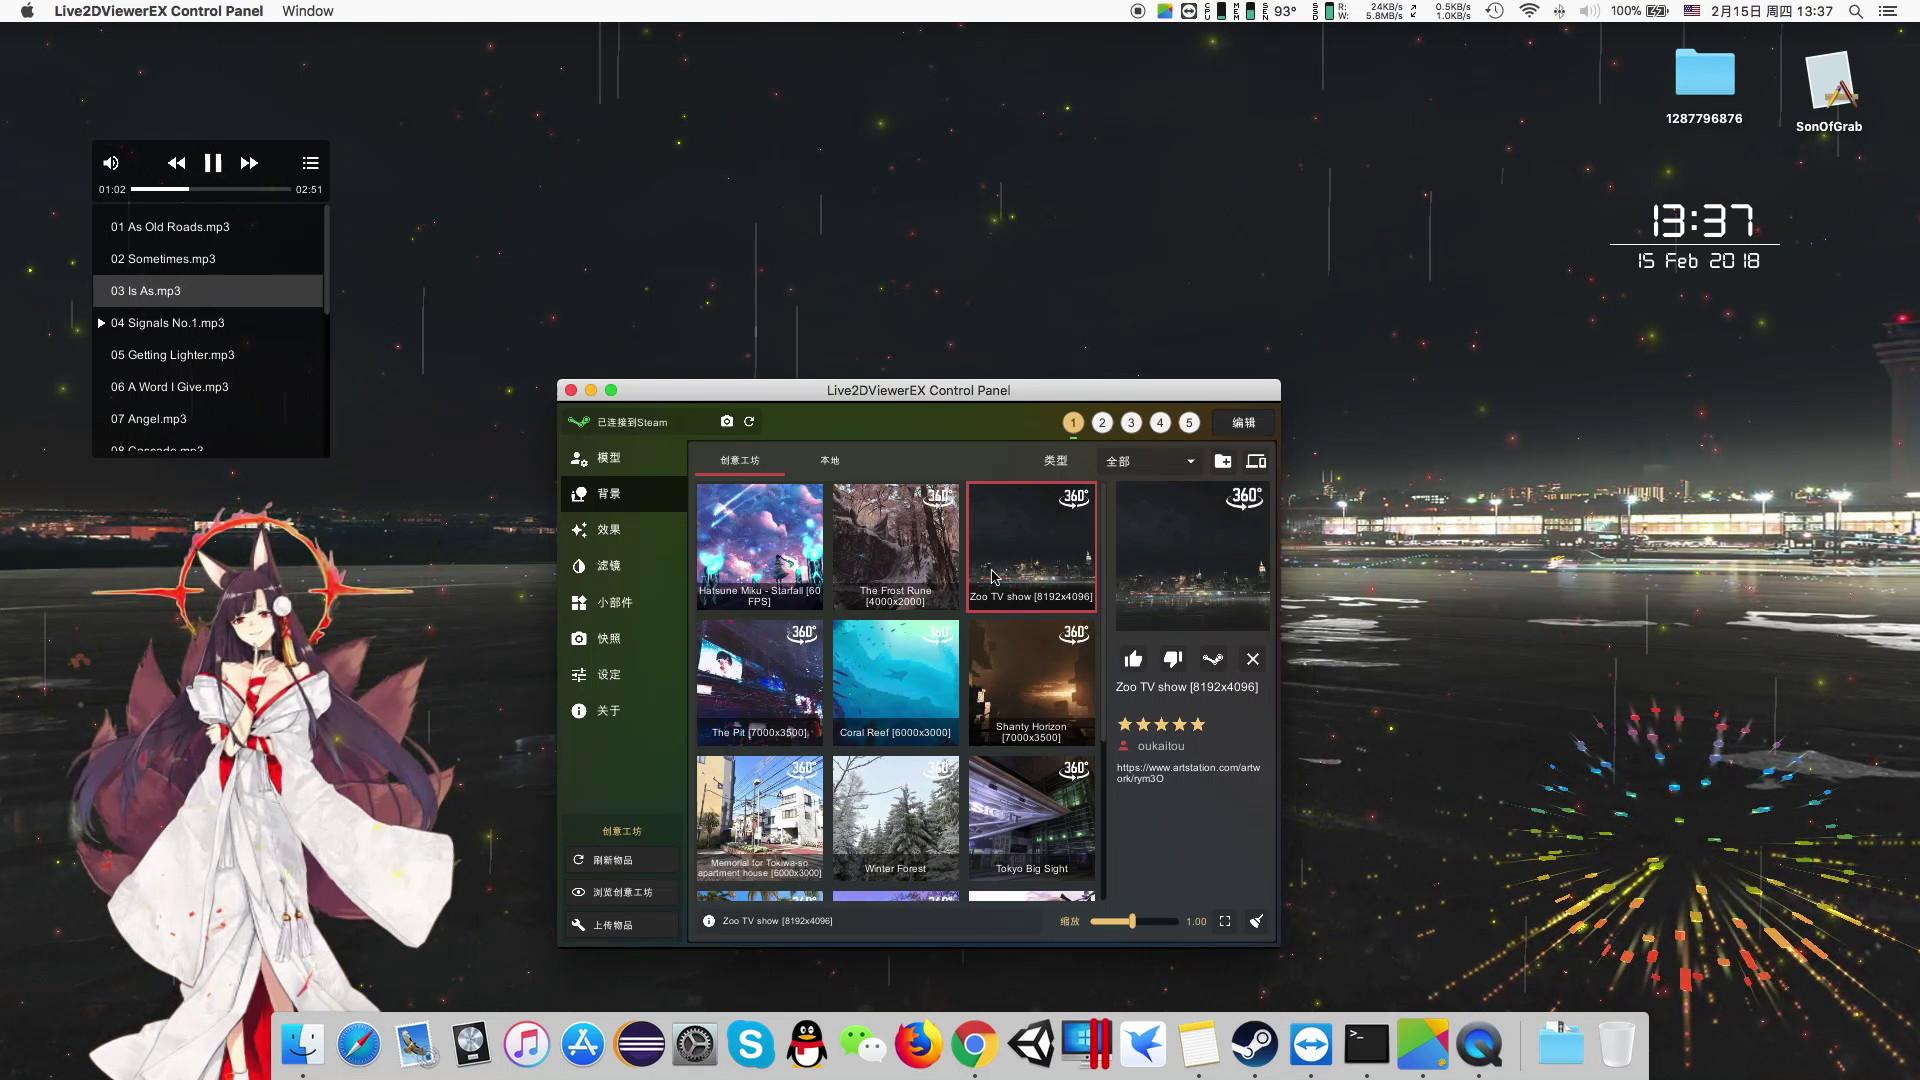 Live2DViewerEX